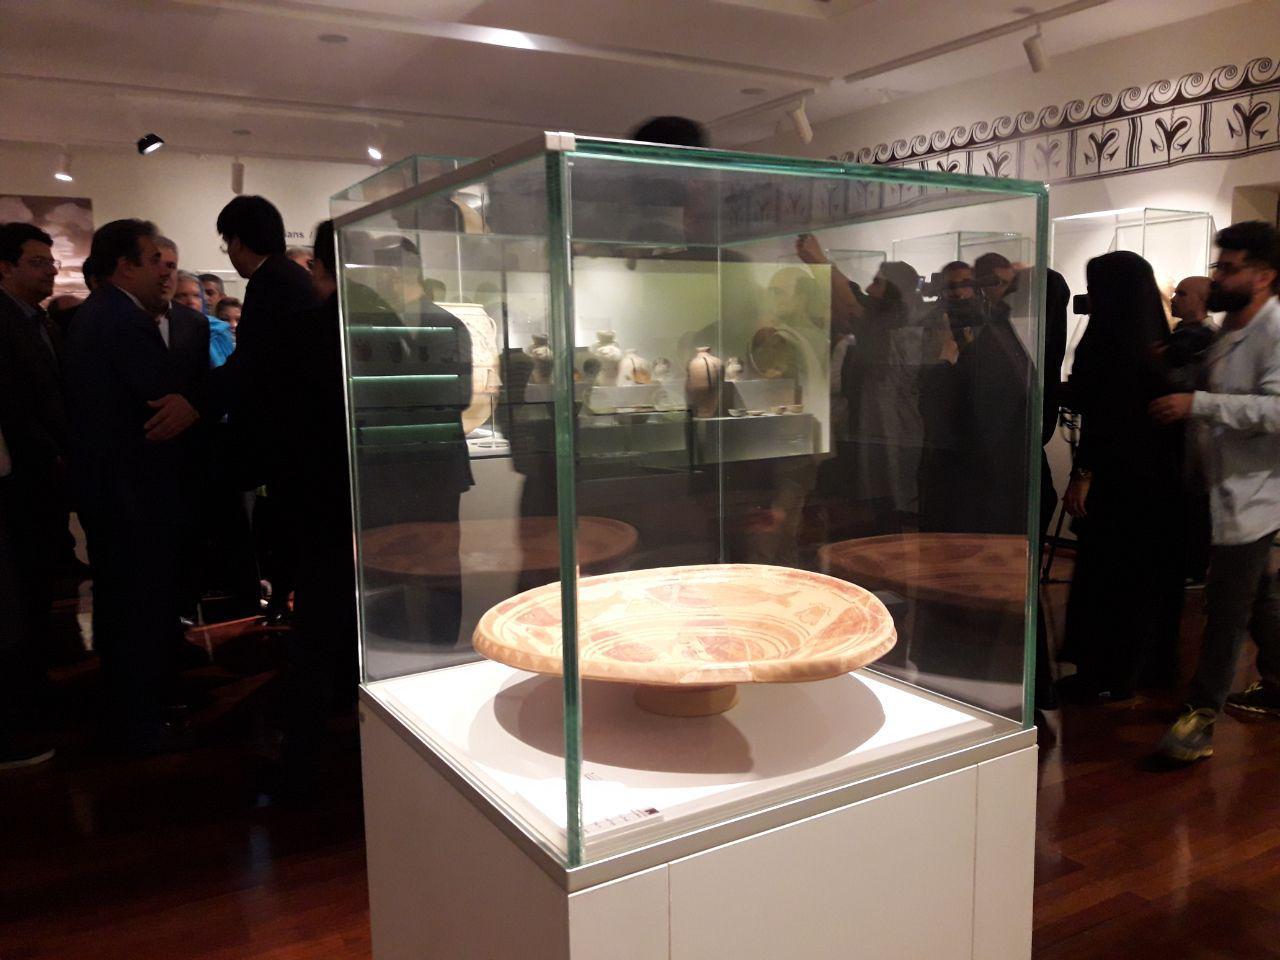 نمایشگاه میراث باستان شناسی اسپانیا افتتاح شد/مونسان: به برگزاری موزه های مشترک سرعت می دهیم